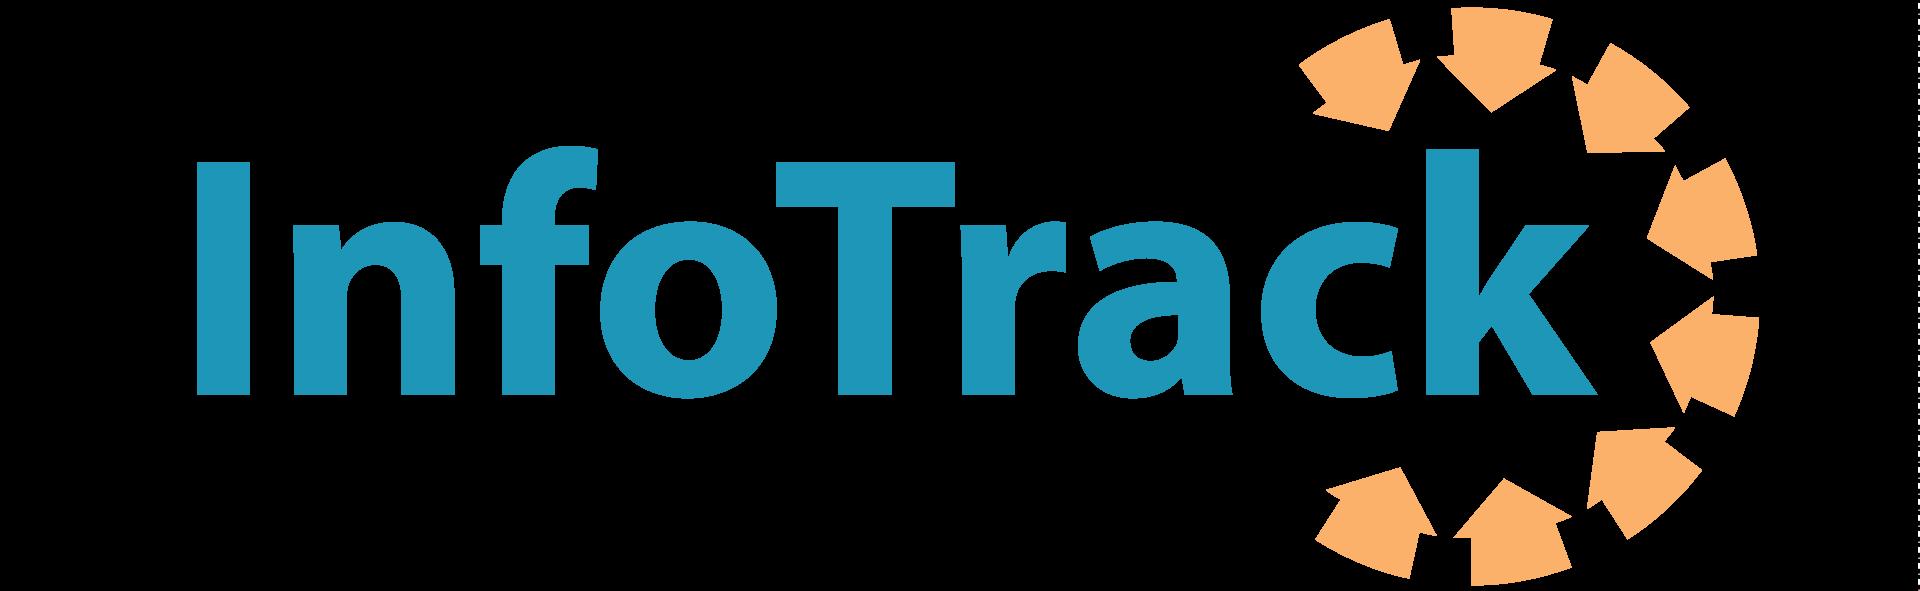 InfoTrack_logo_No_Strapline-Large.png